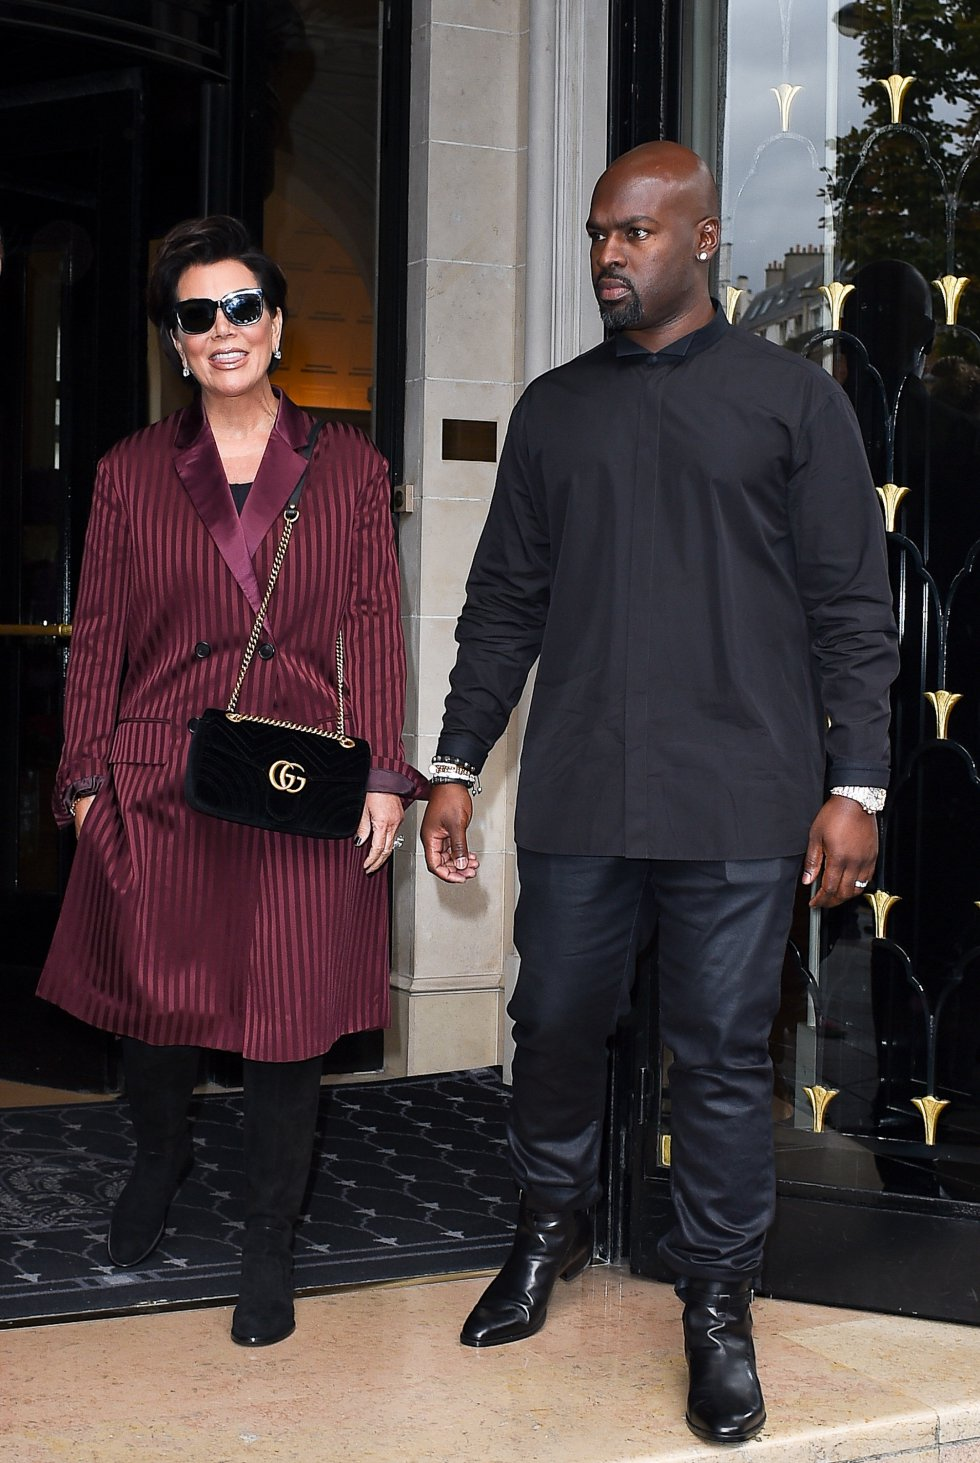 Haciendo referencia también a la sonada ruptura de la 'momager' y Caitlyn Jenner, el que fuera su marido durante 14 años y padre de sus dos hijas pequeñas, Kendall y Kylie.